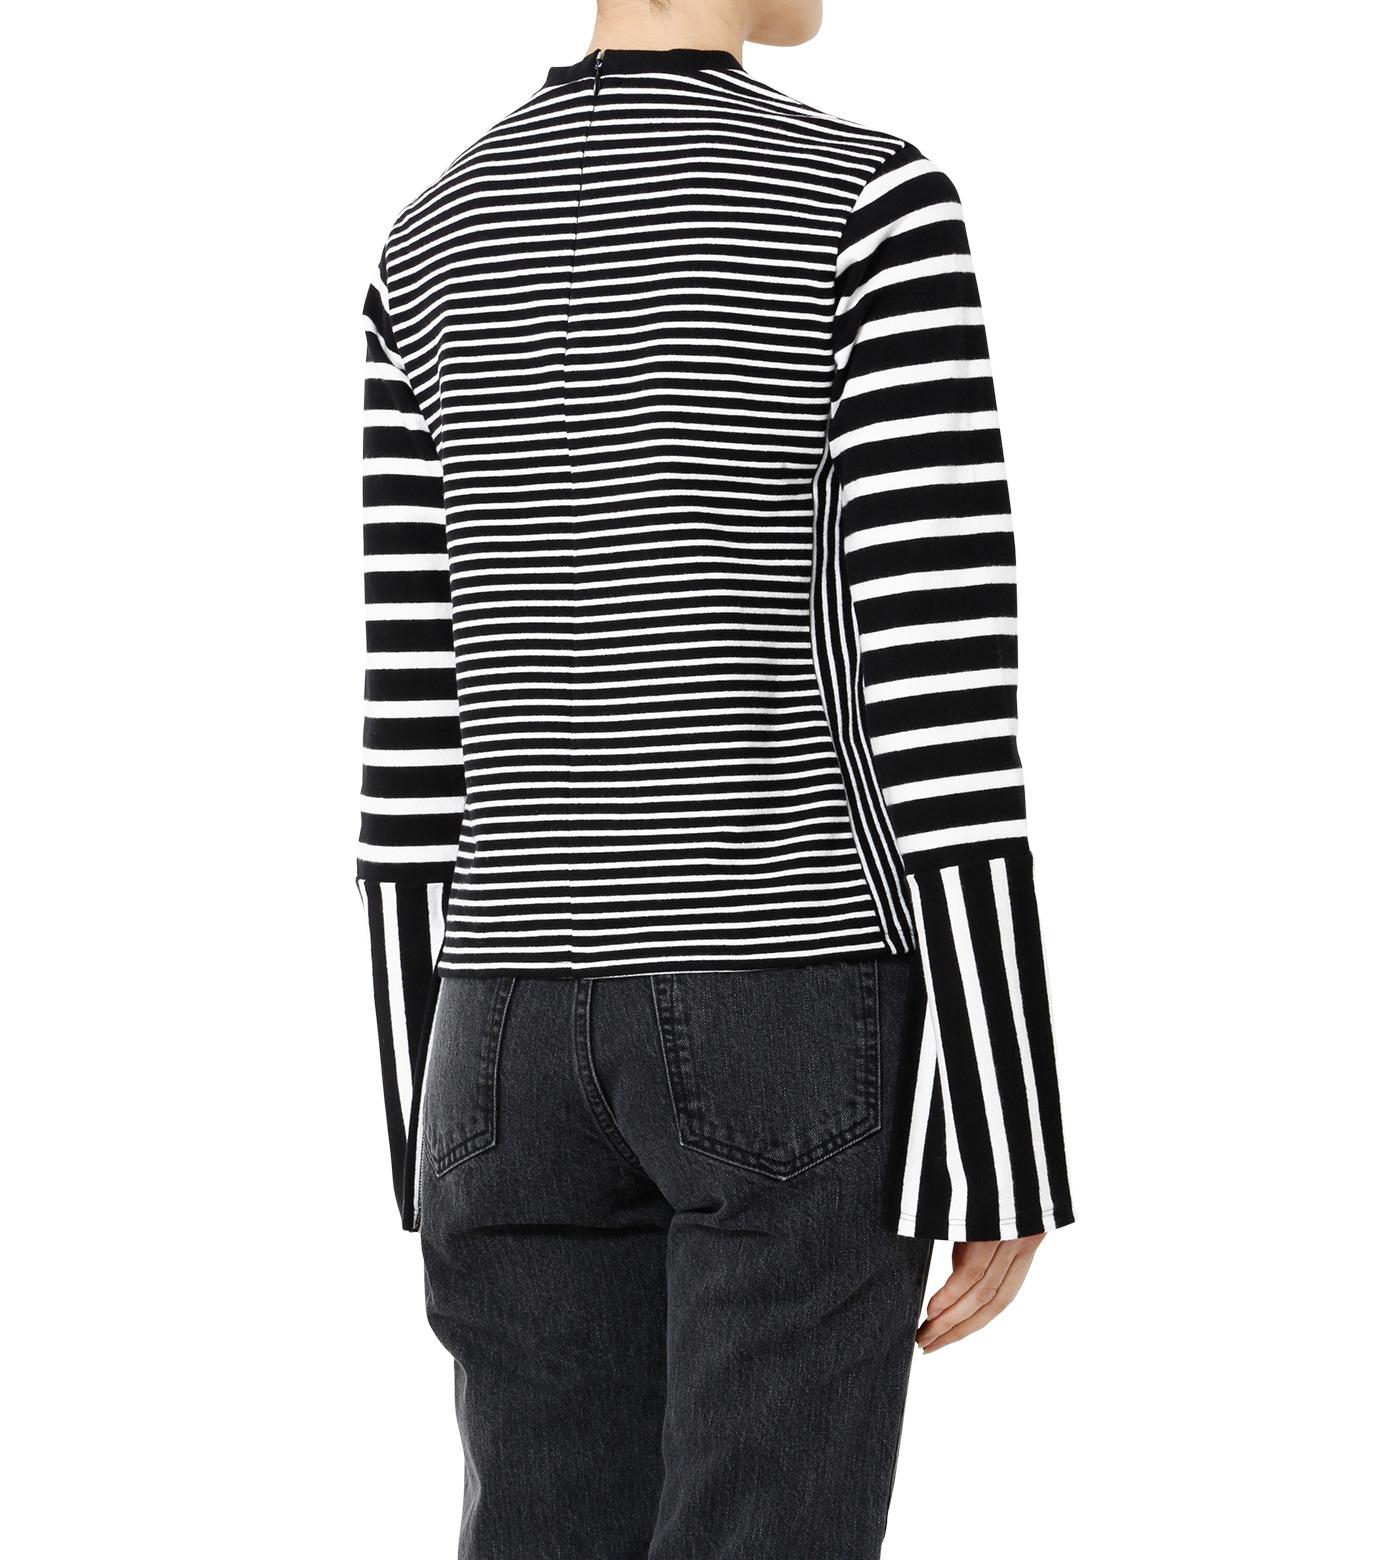 LE CIEL BLEU(ルシェルブルー)のミックスピッチボーダートップス-BLACK(カットソー/cut and sewn)-19S62101 拡大詳細画像4